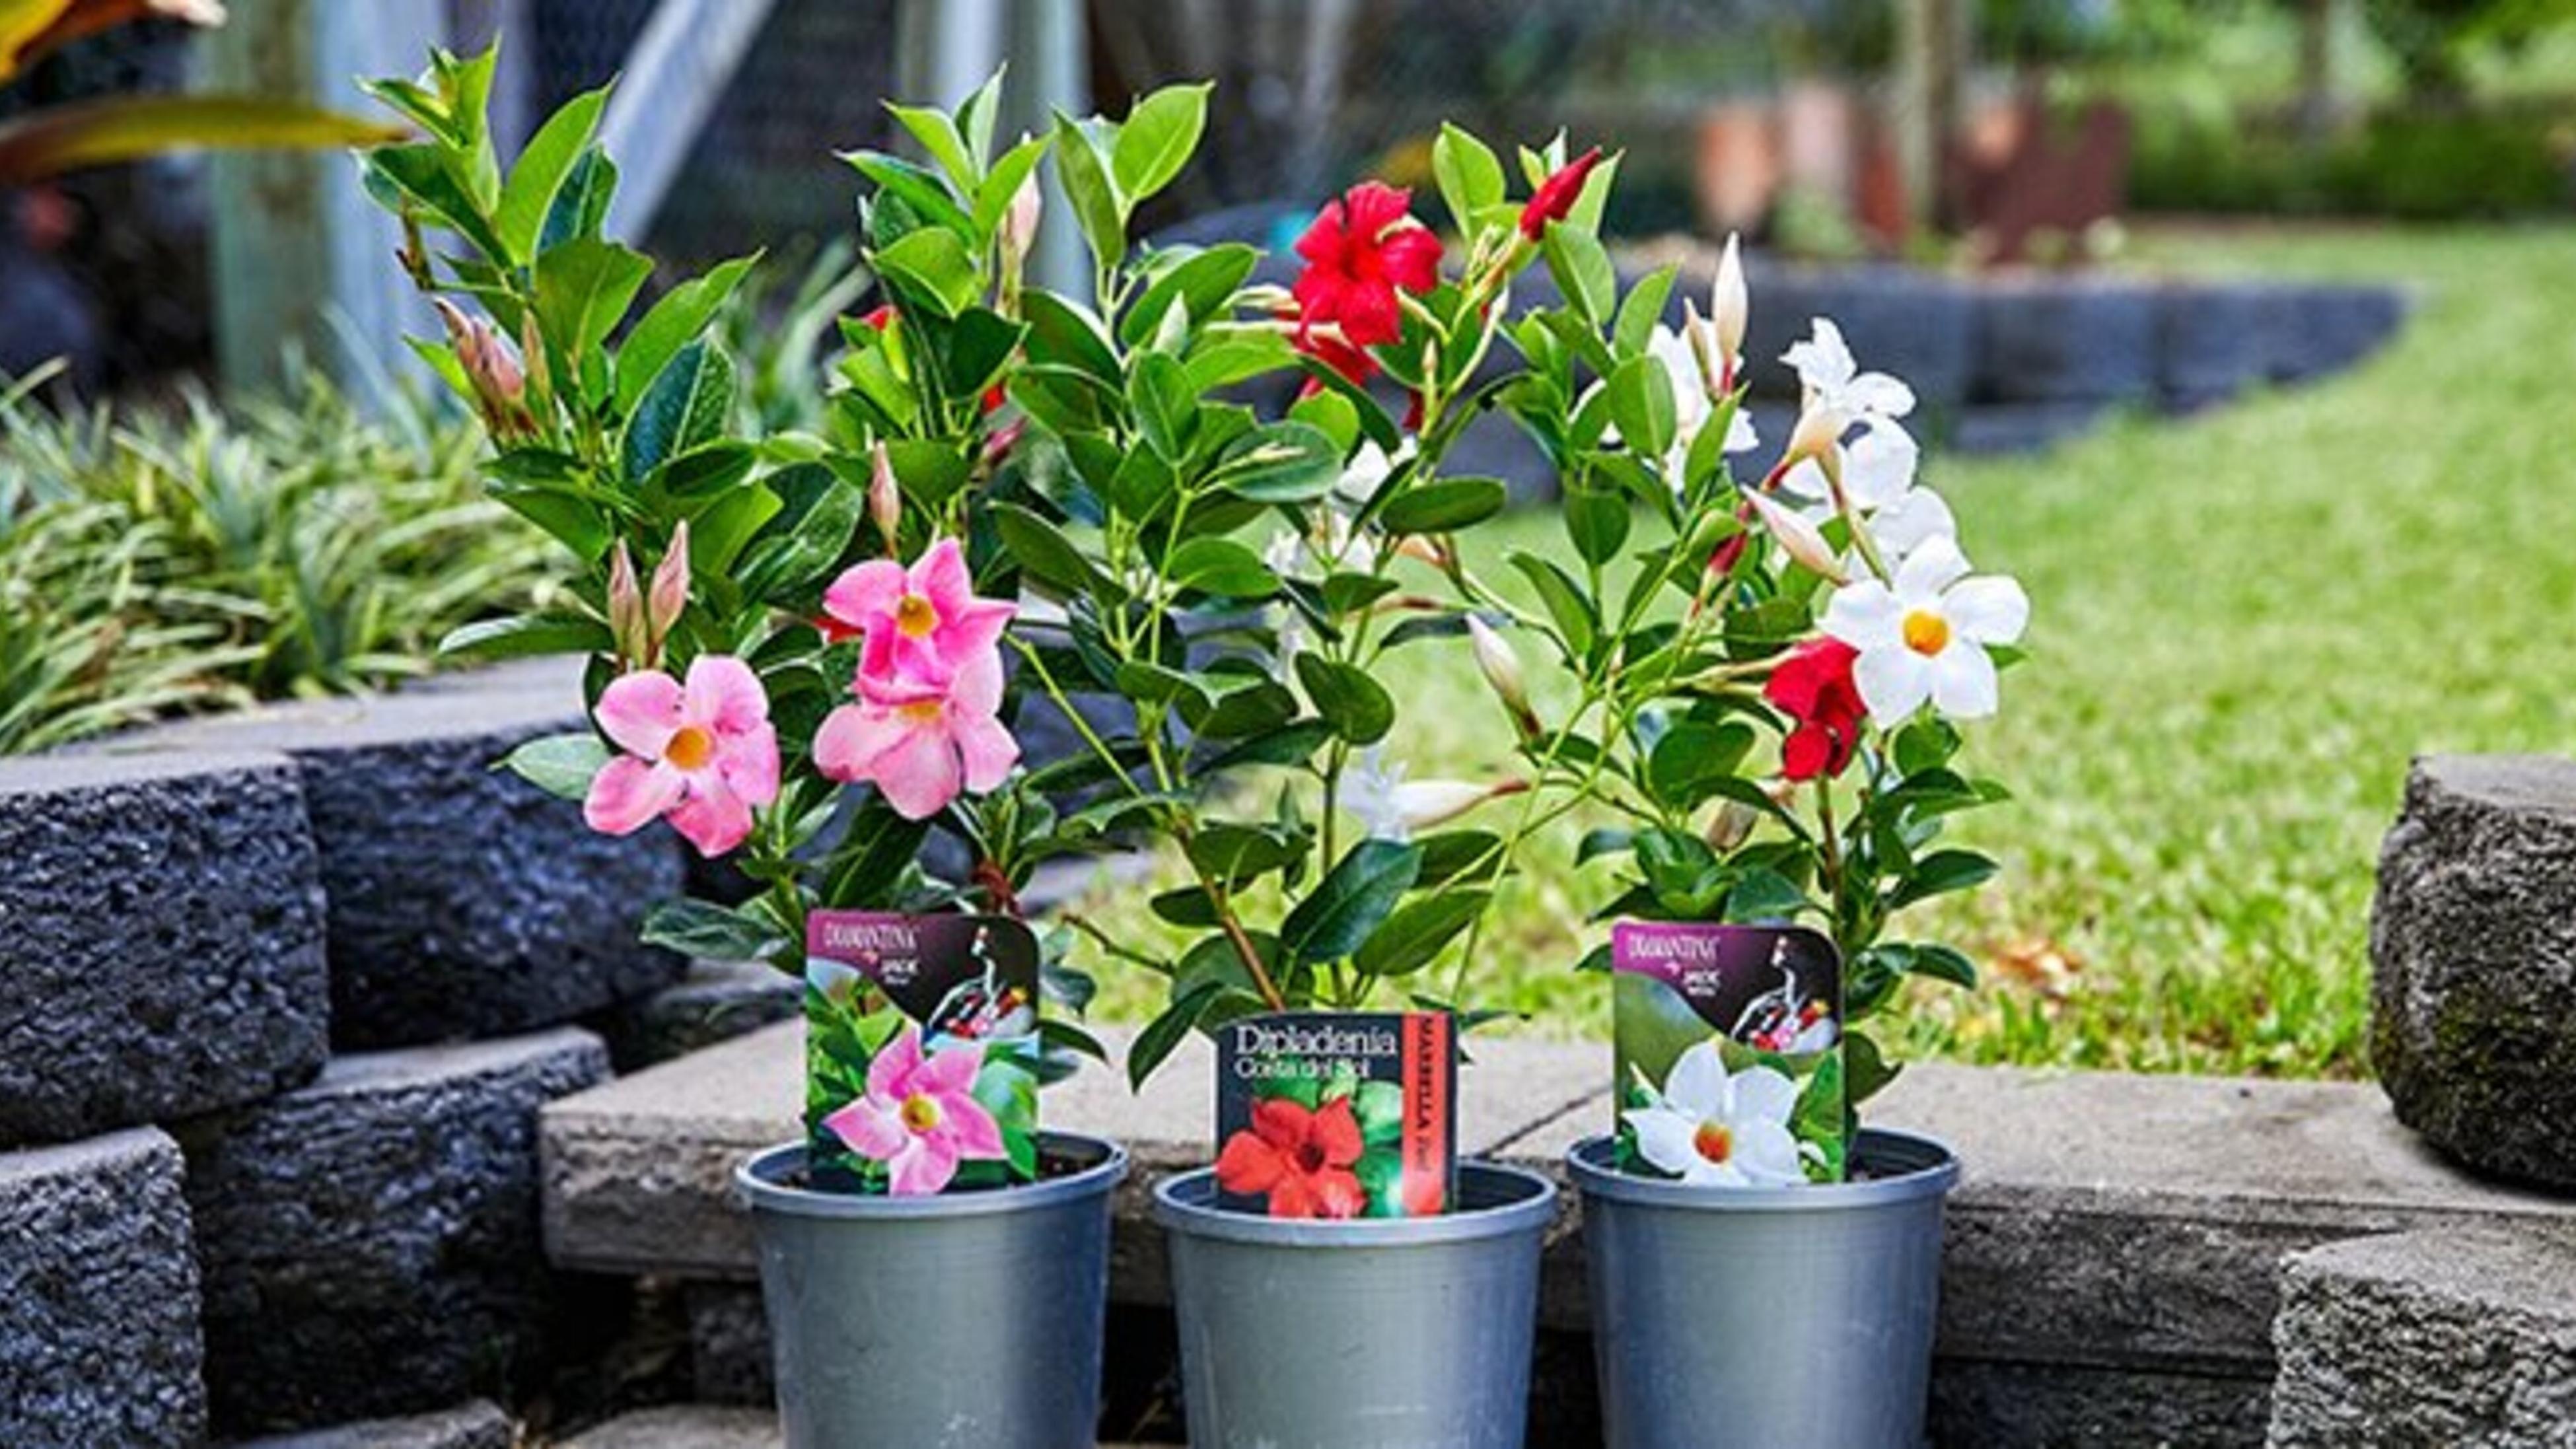 Stunning mandevilla plants in bloom.